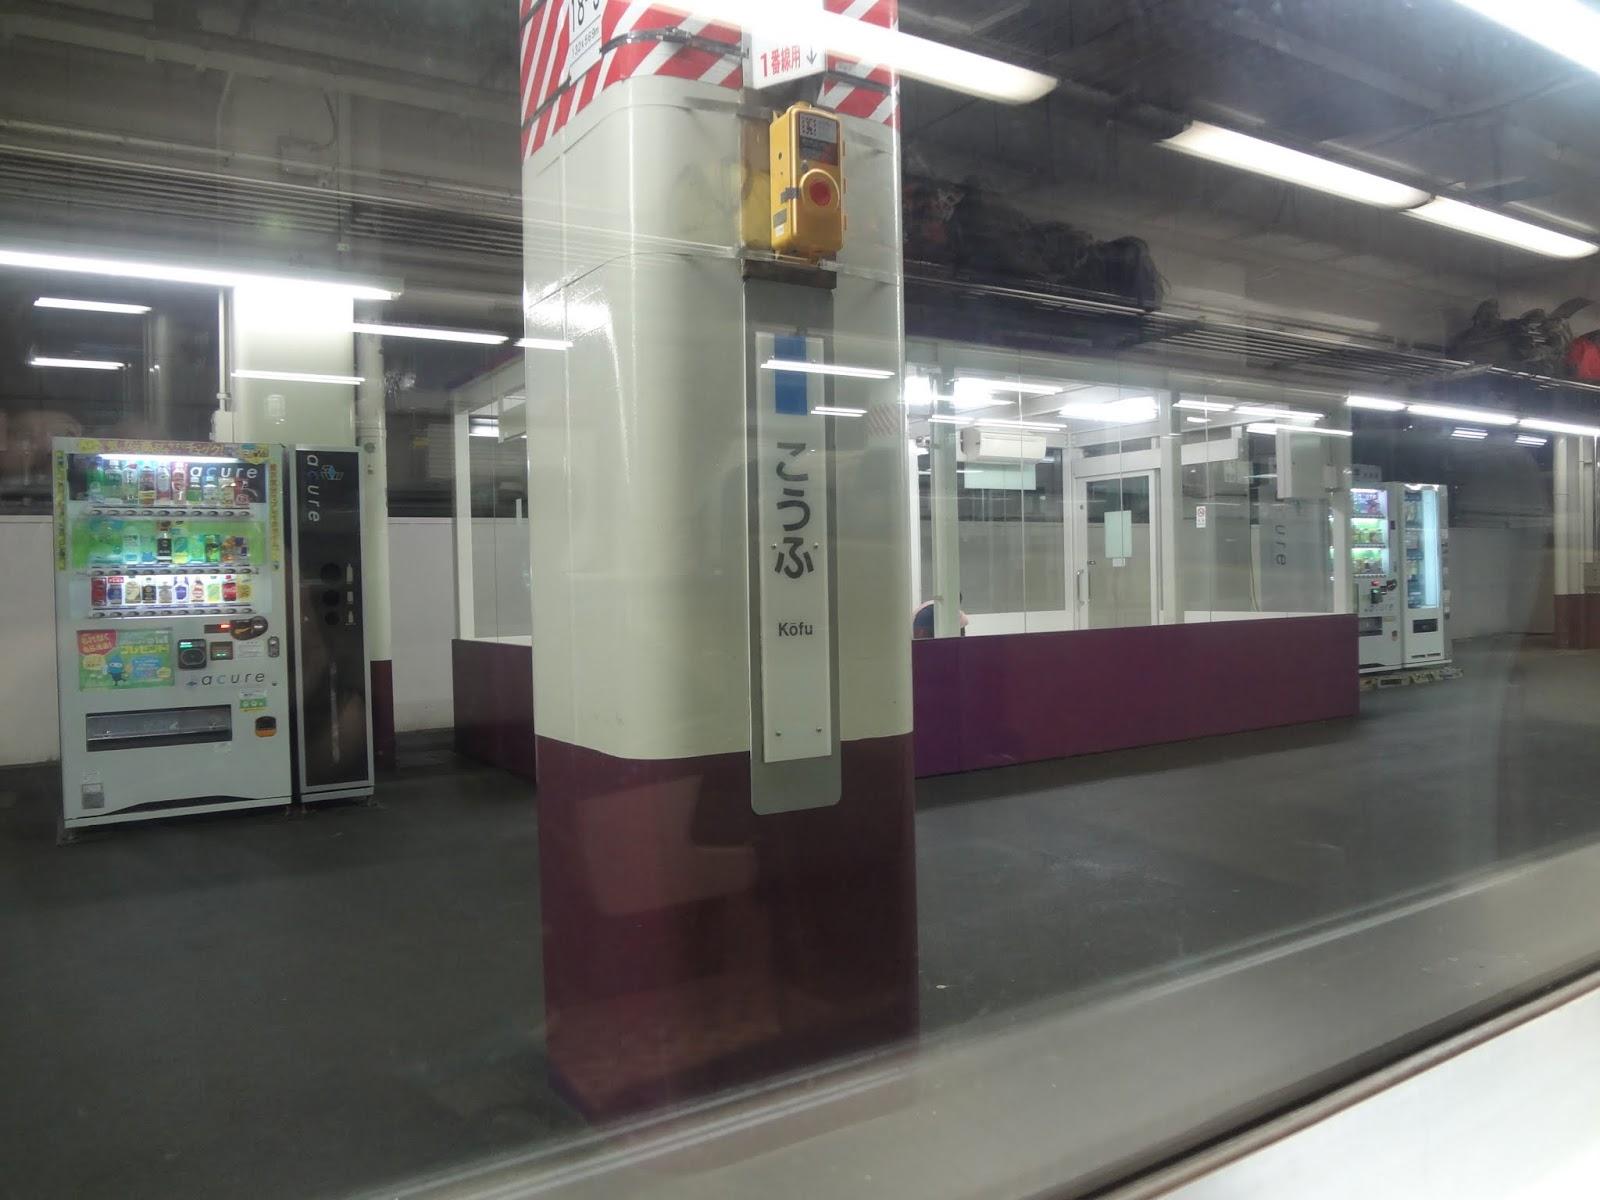 2:21 甲府駅到着